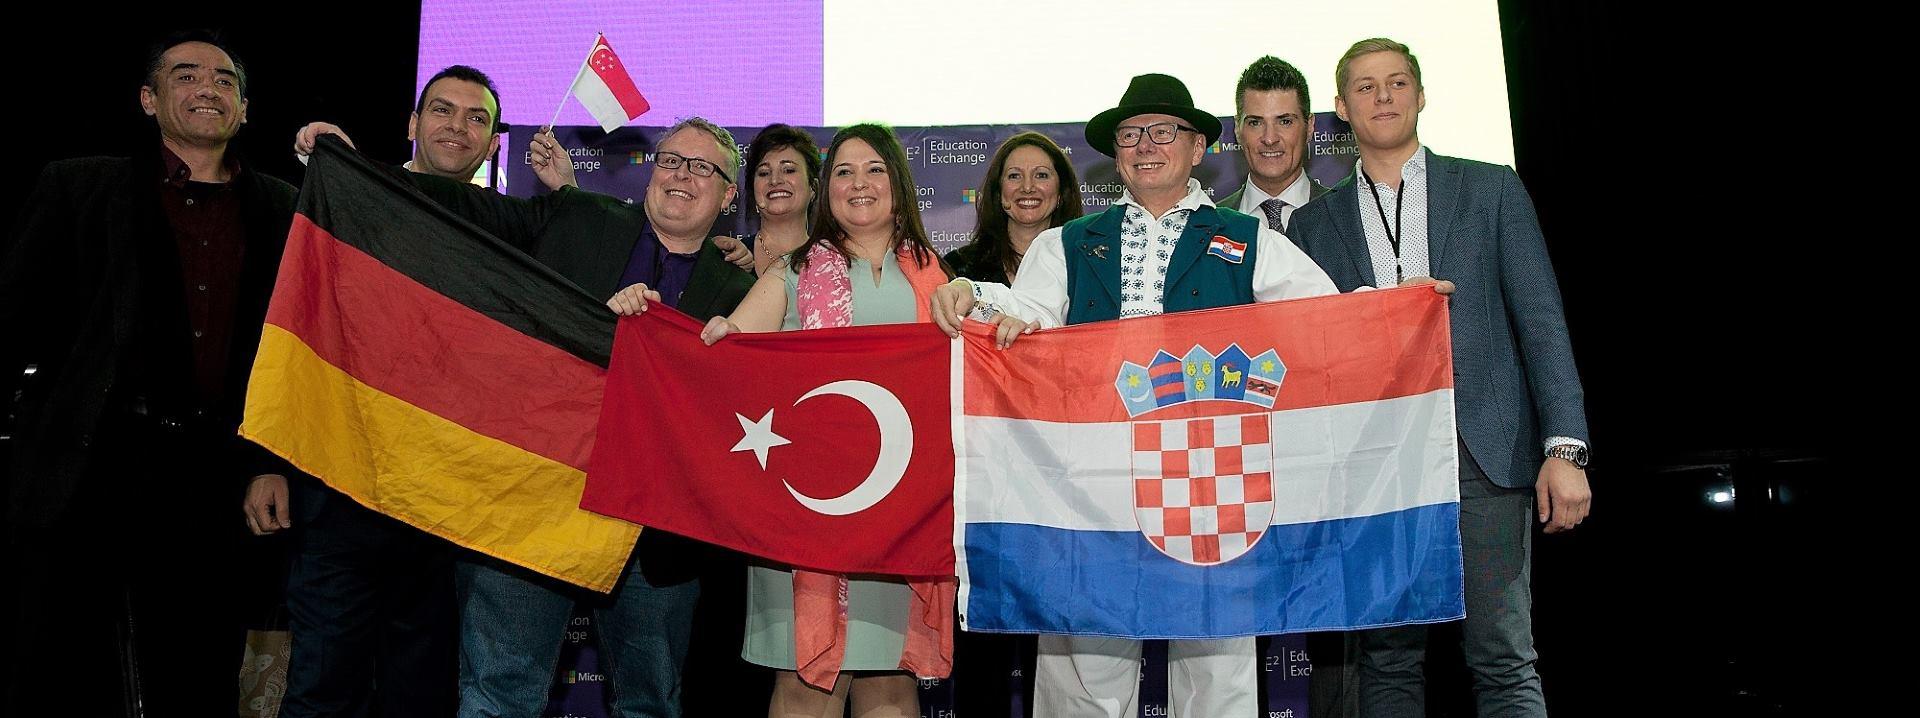 Nastavnik Danijel Vrbanc iz Željezničke tehničke škole osvojio prvo mjesto na natjecanju Educator Challenge